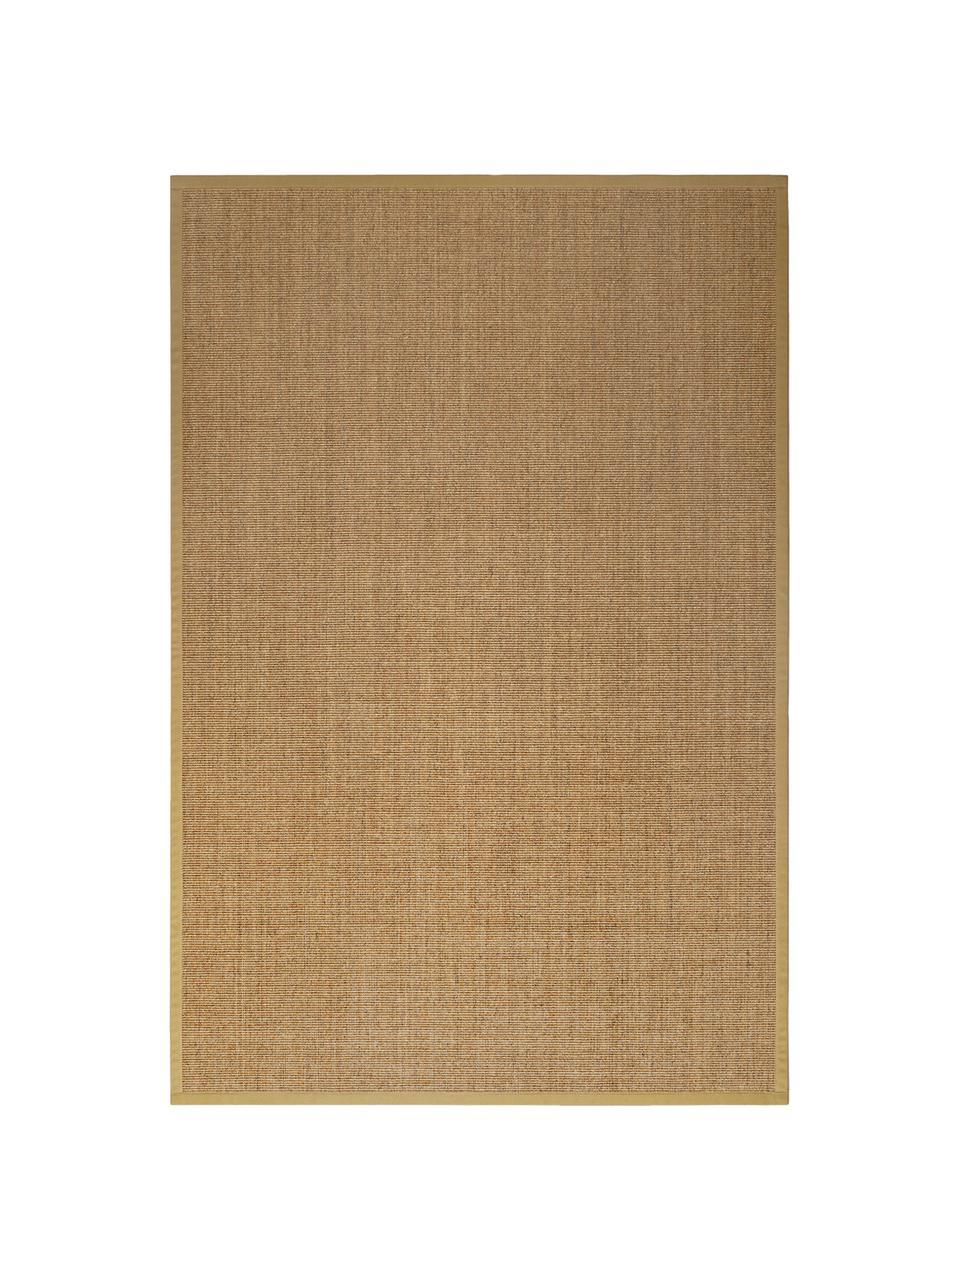 Sisalteppich Leonie in Beige, Flor: 100% Sisalfaser, Rückseite: Latex, Beige, B 300 x L 400 cm (Größe XL)